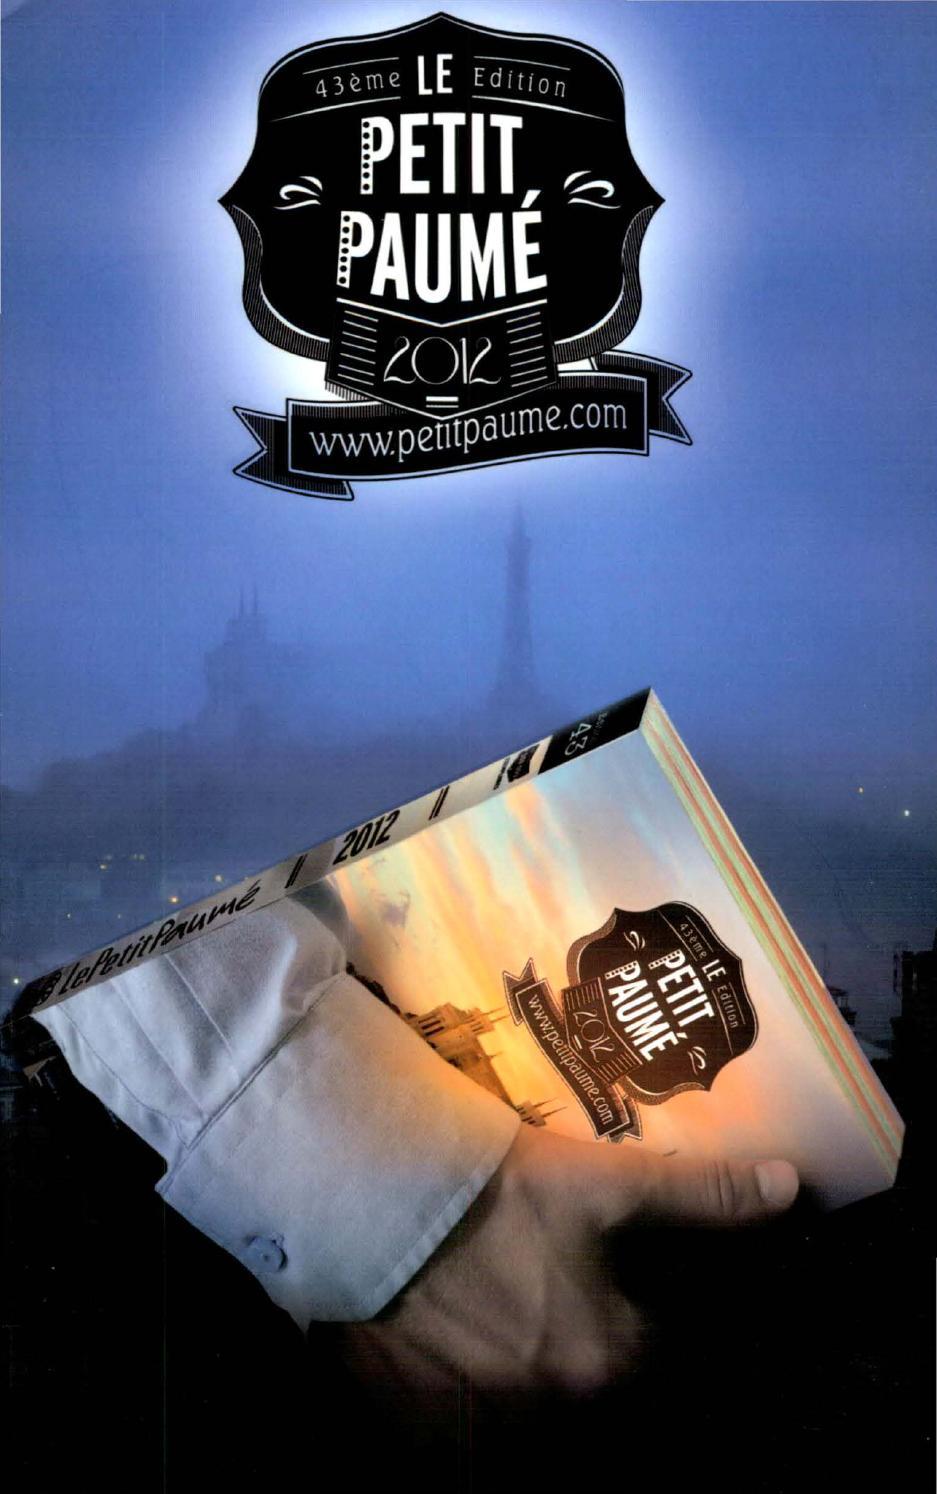 cdff4f6f131e9 Le Petit Paumé - Edition 2012 - City-Guide de Lyon by Le Petit Paumé - issuu